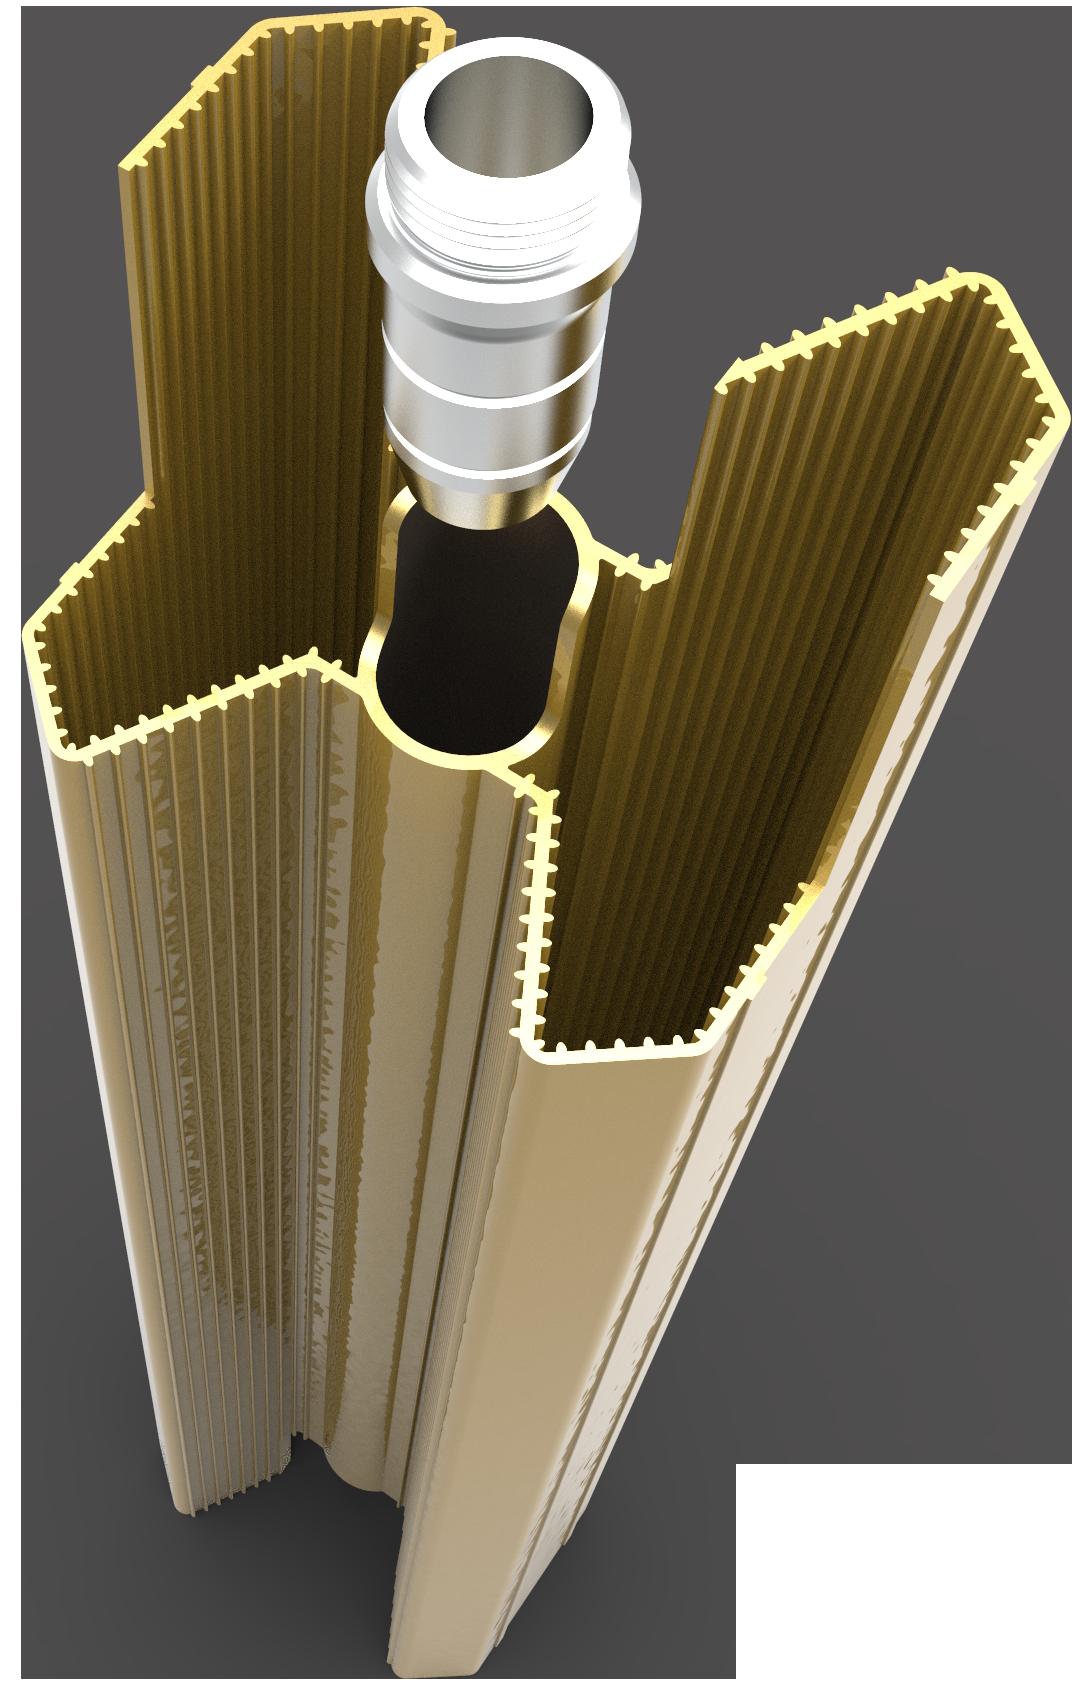 رادیاتور آنیت با تحمل فشار بالای ۵۰ بار و فشار لحظه ای ۱۲۰ بار